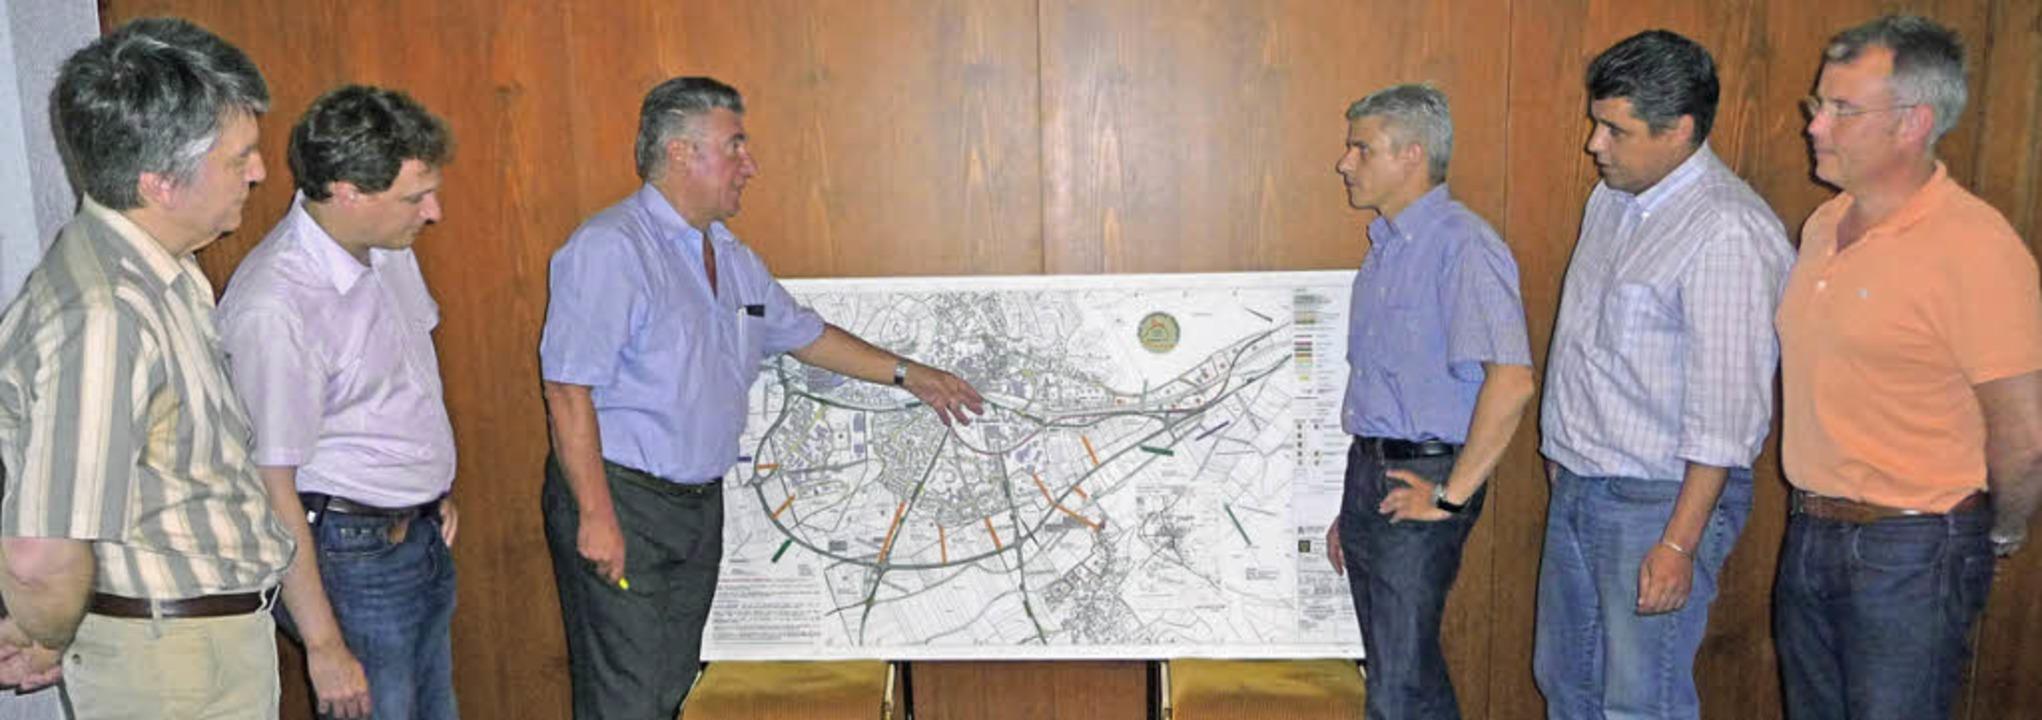 Der Vorstand der Bürgerinitiative Pro ....v.rechts) über die Trassenplanungen.   | Foto: Manfred Burkert